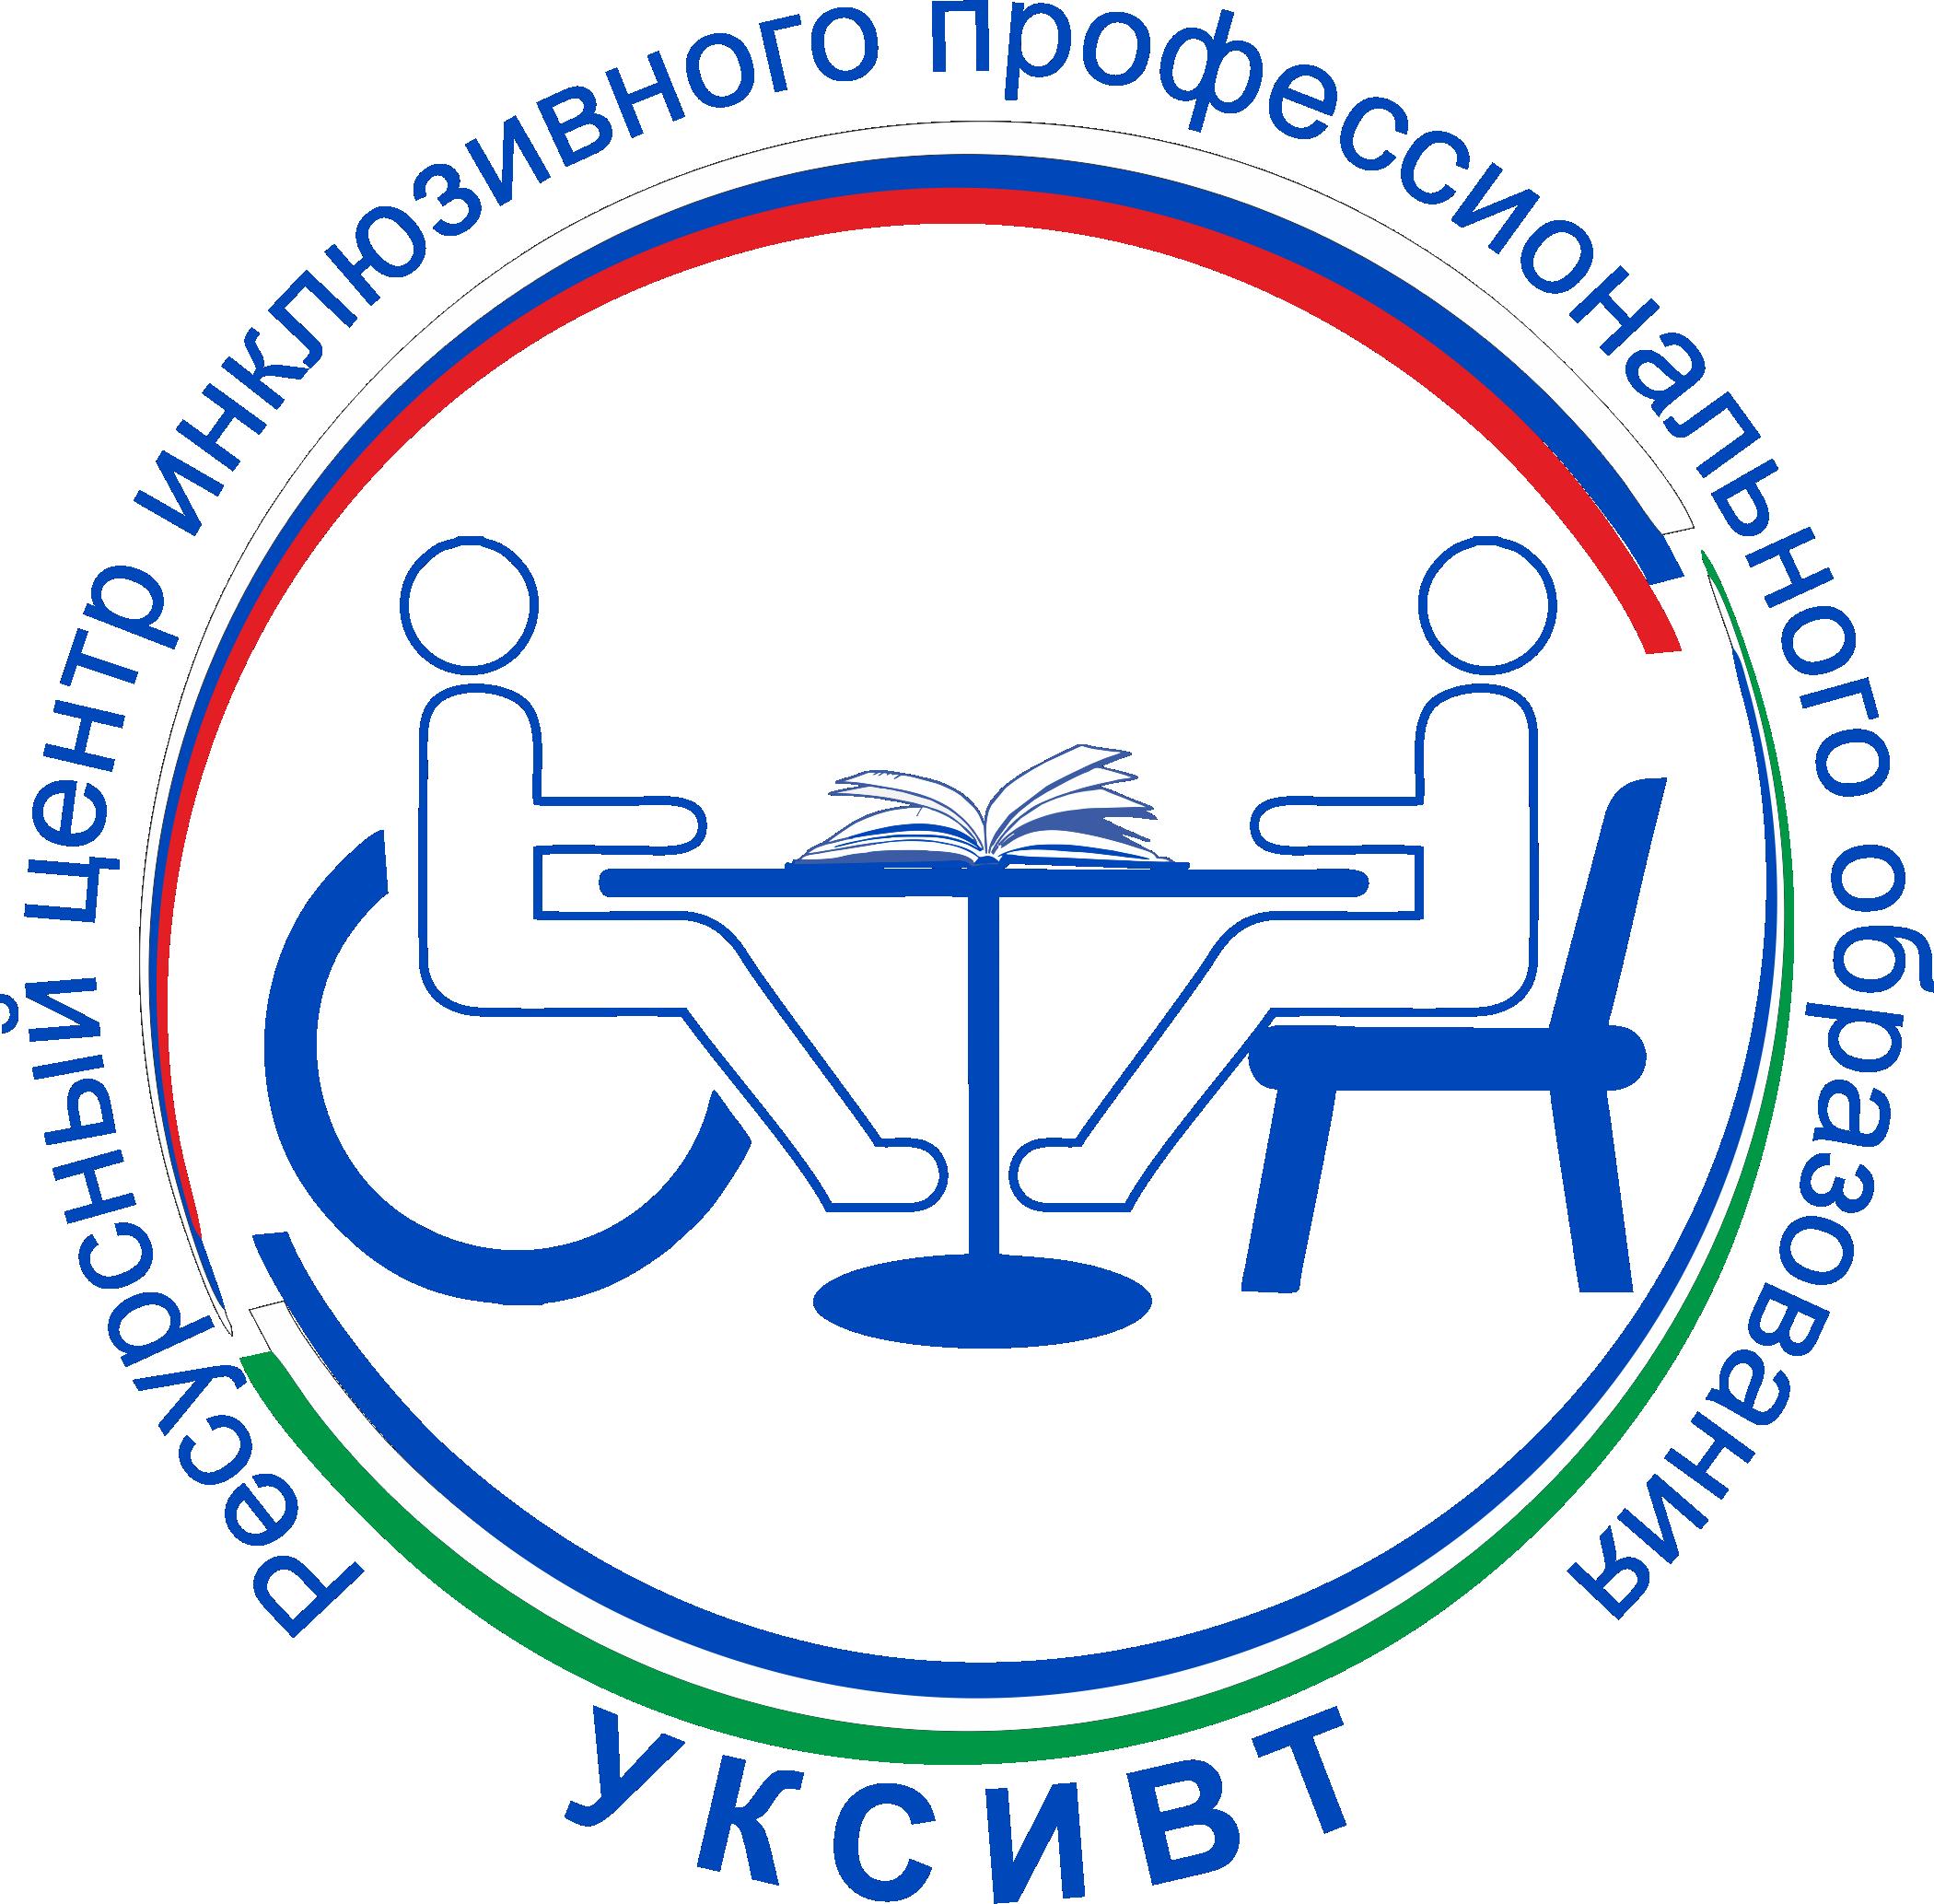 Ресурсный центр инклюзивного профессионального образования